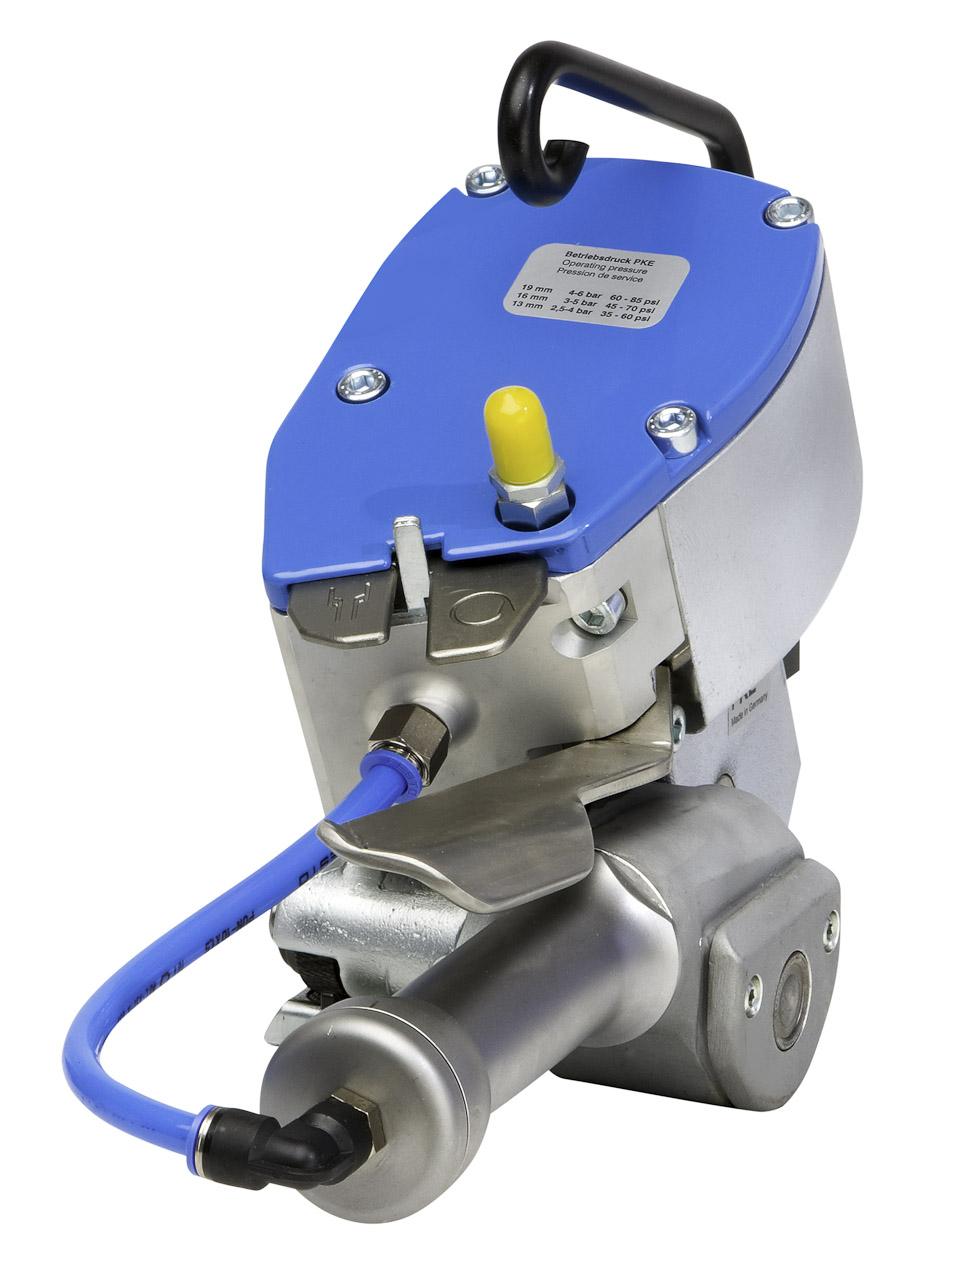 Maquina de Cintar com fita de aço pneumática PKE